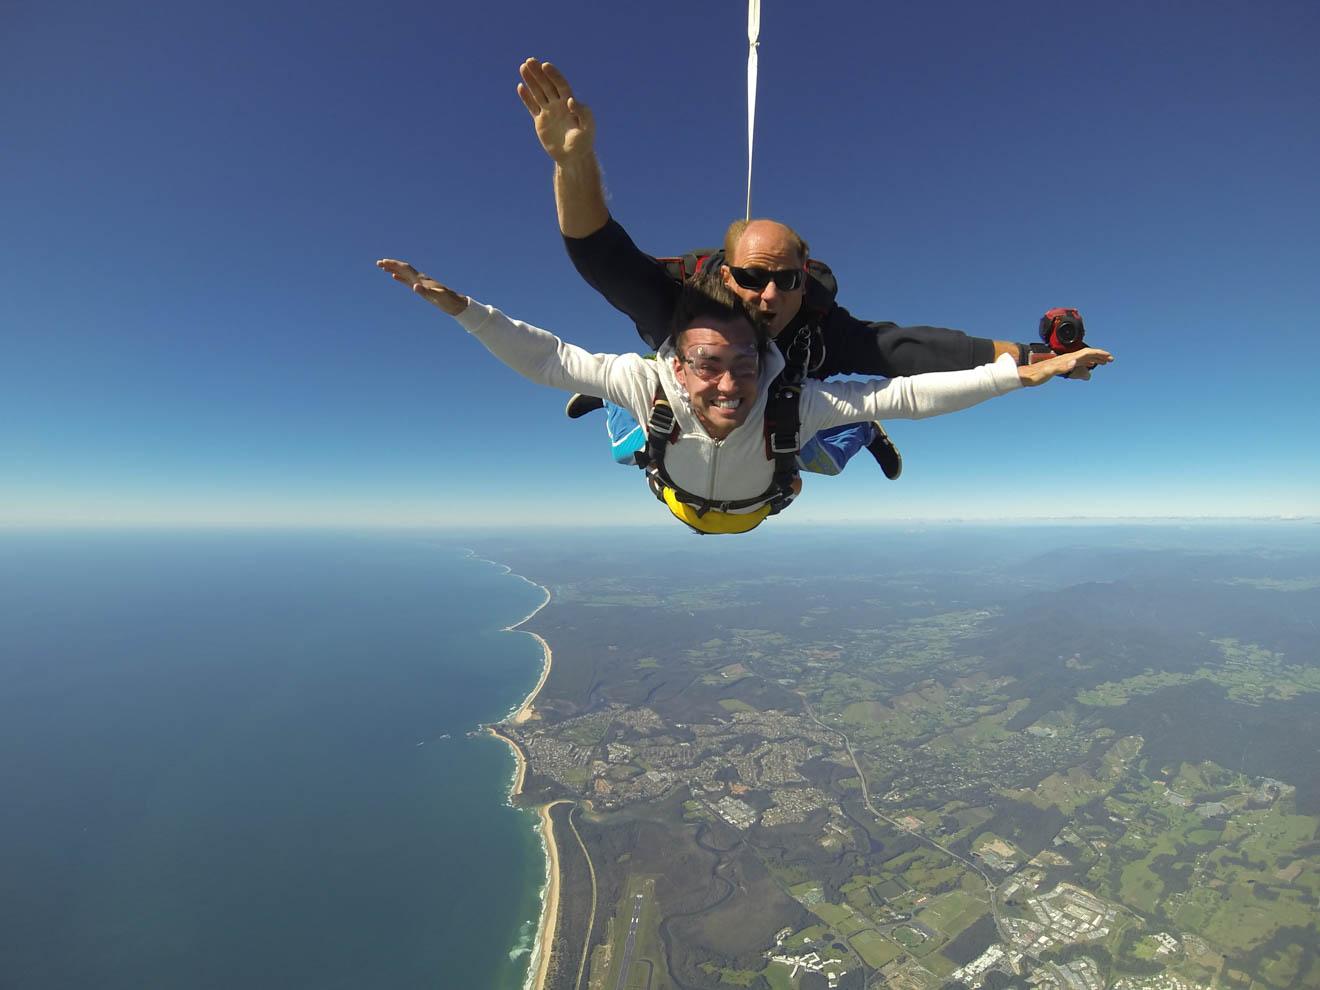 wollongong experiences - Parachutisme Que faire à Wollongong